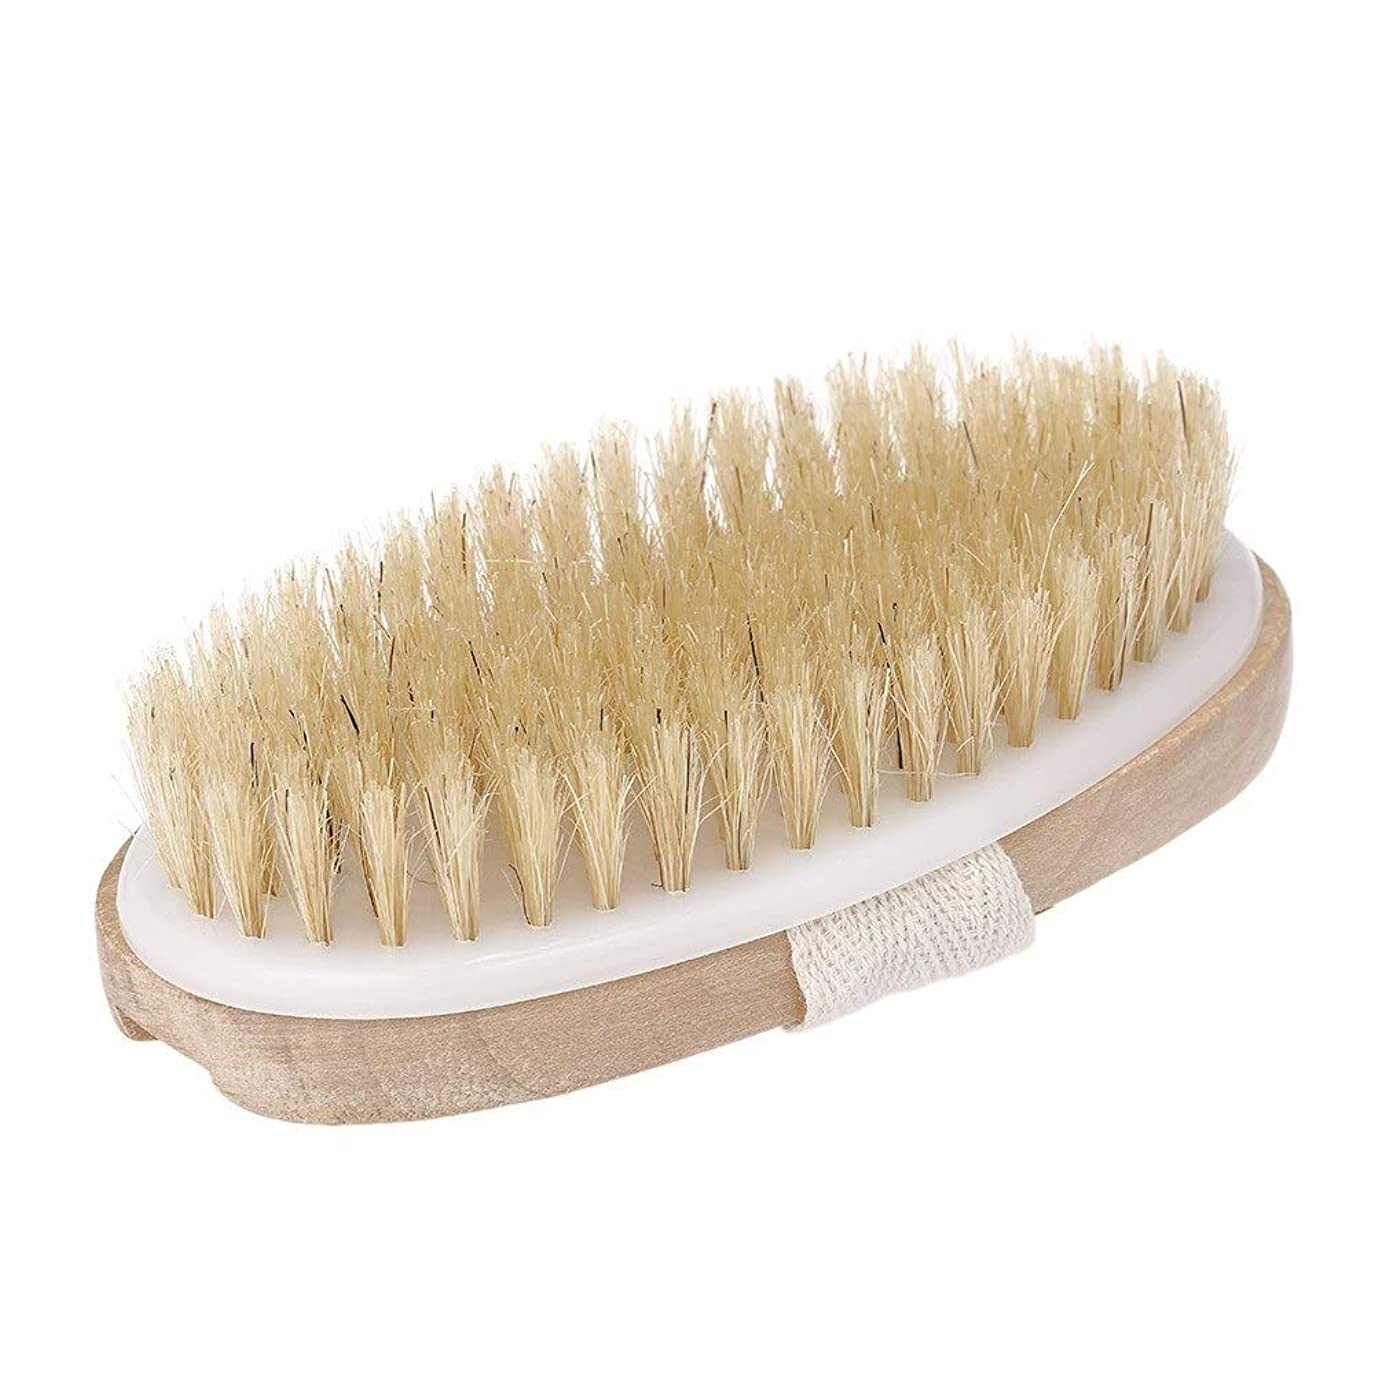 パンチ電池本質的ではない体洗いブラシ ボディクリーニングブラシ 体洗いブラシ 乾燥肌ボディブラシ ボディブラシ 木製 ハンドルベルト付 お風呂ブラシ 角質を取り除き